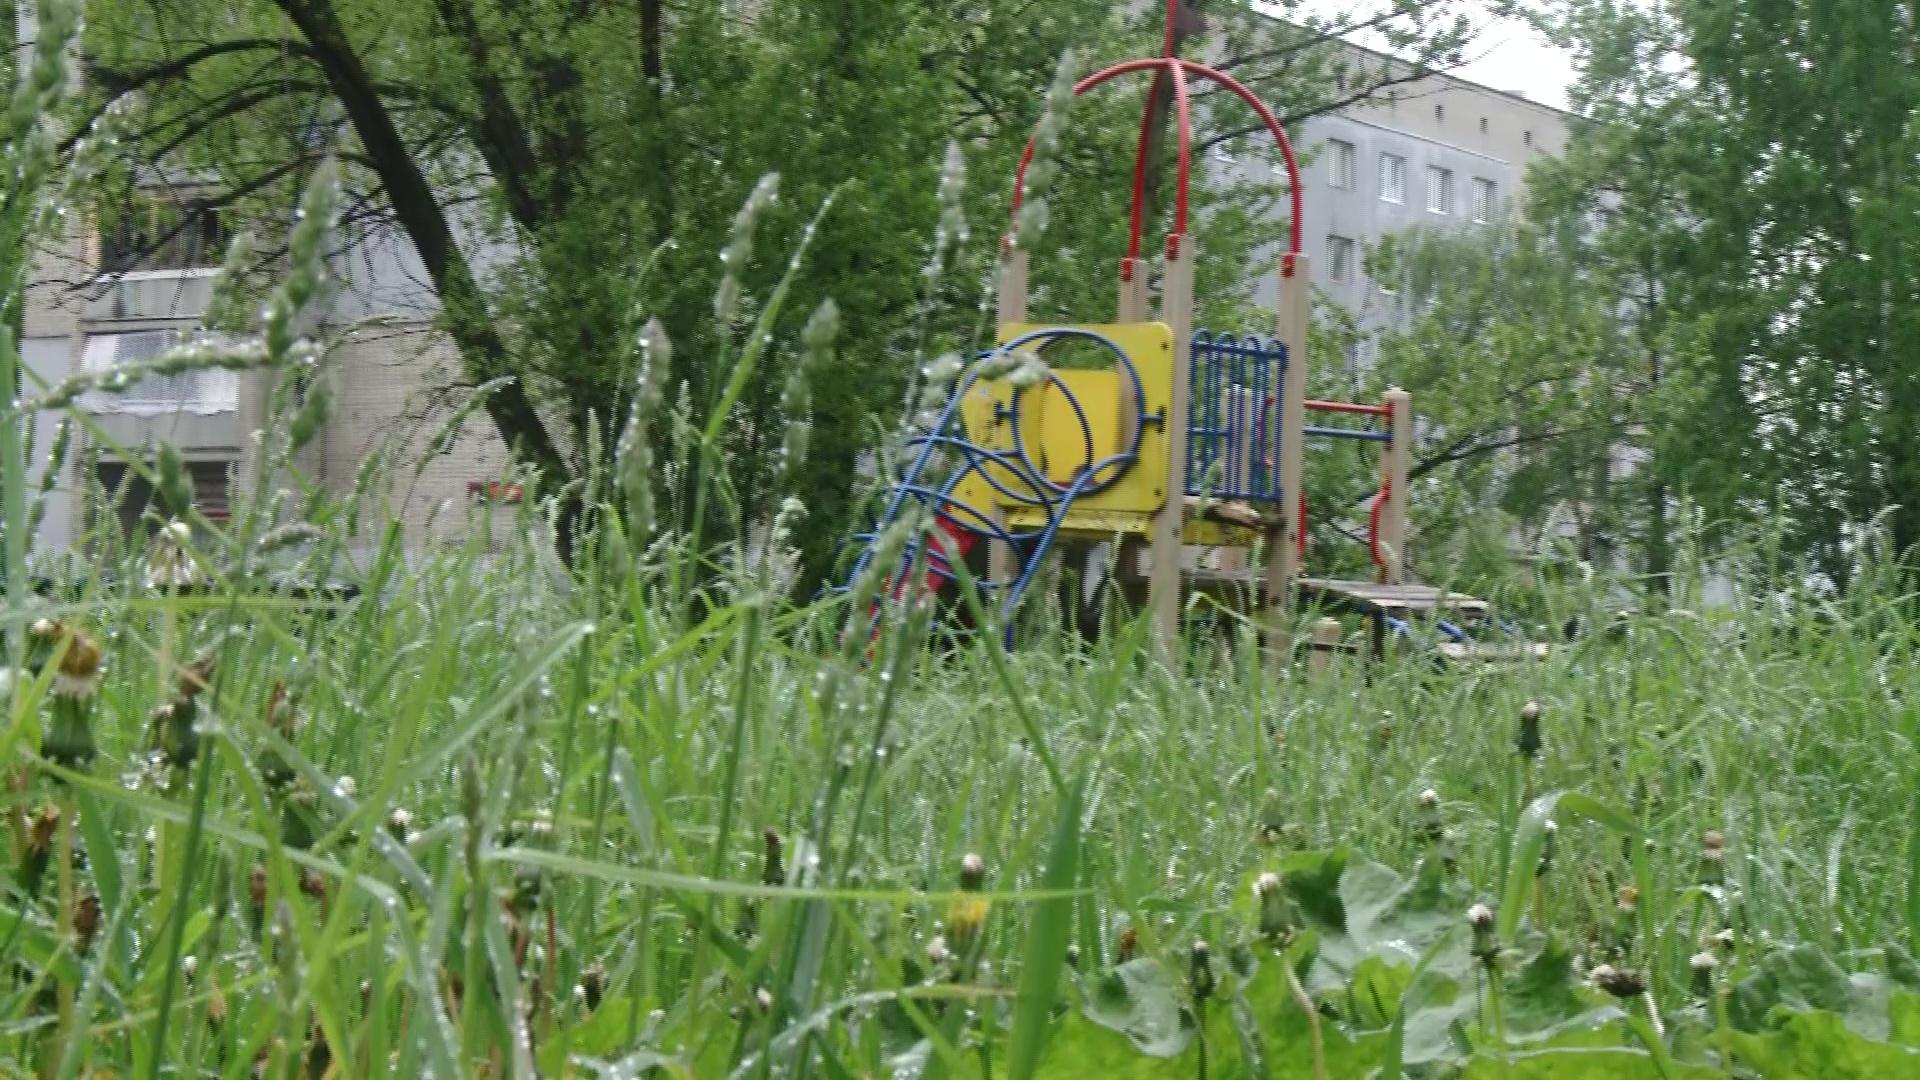 Ярославцы жалуются на плохое состояние детских площадок: как решают проблему